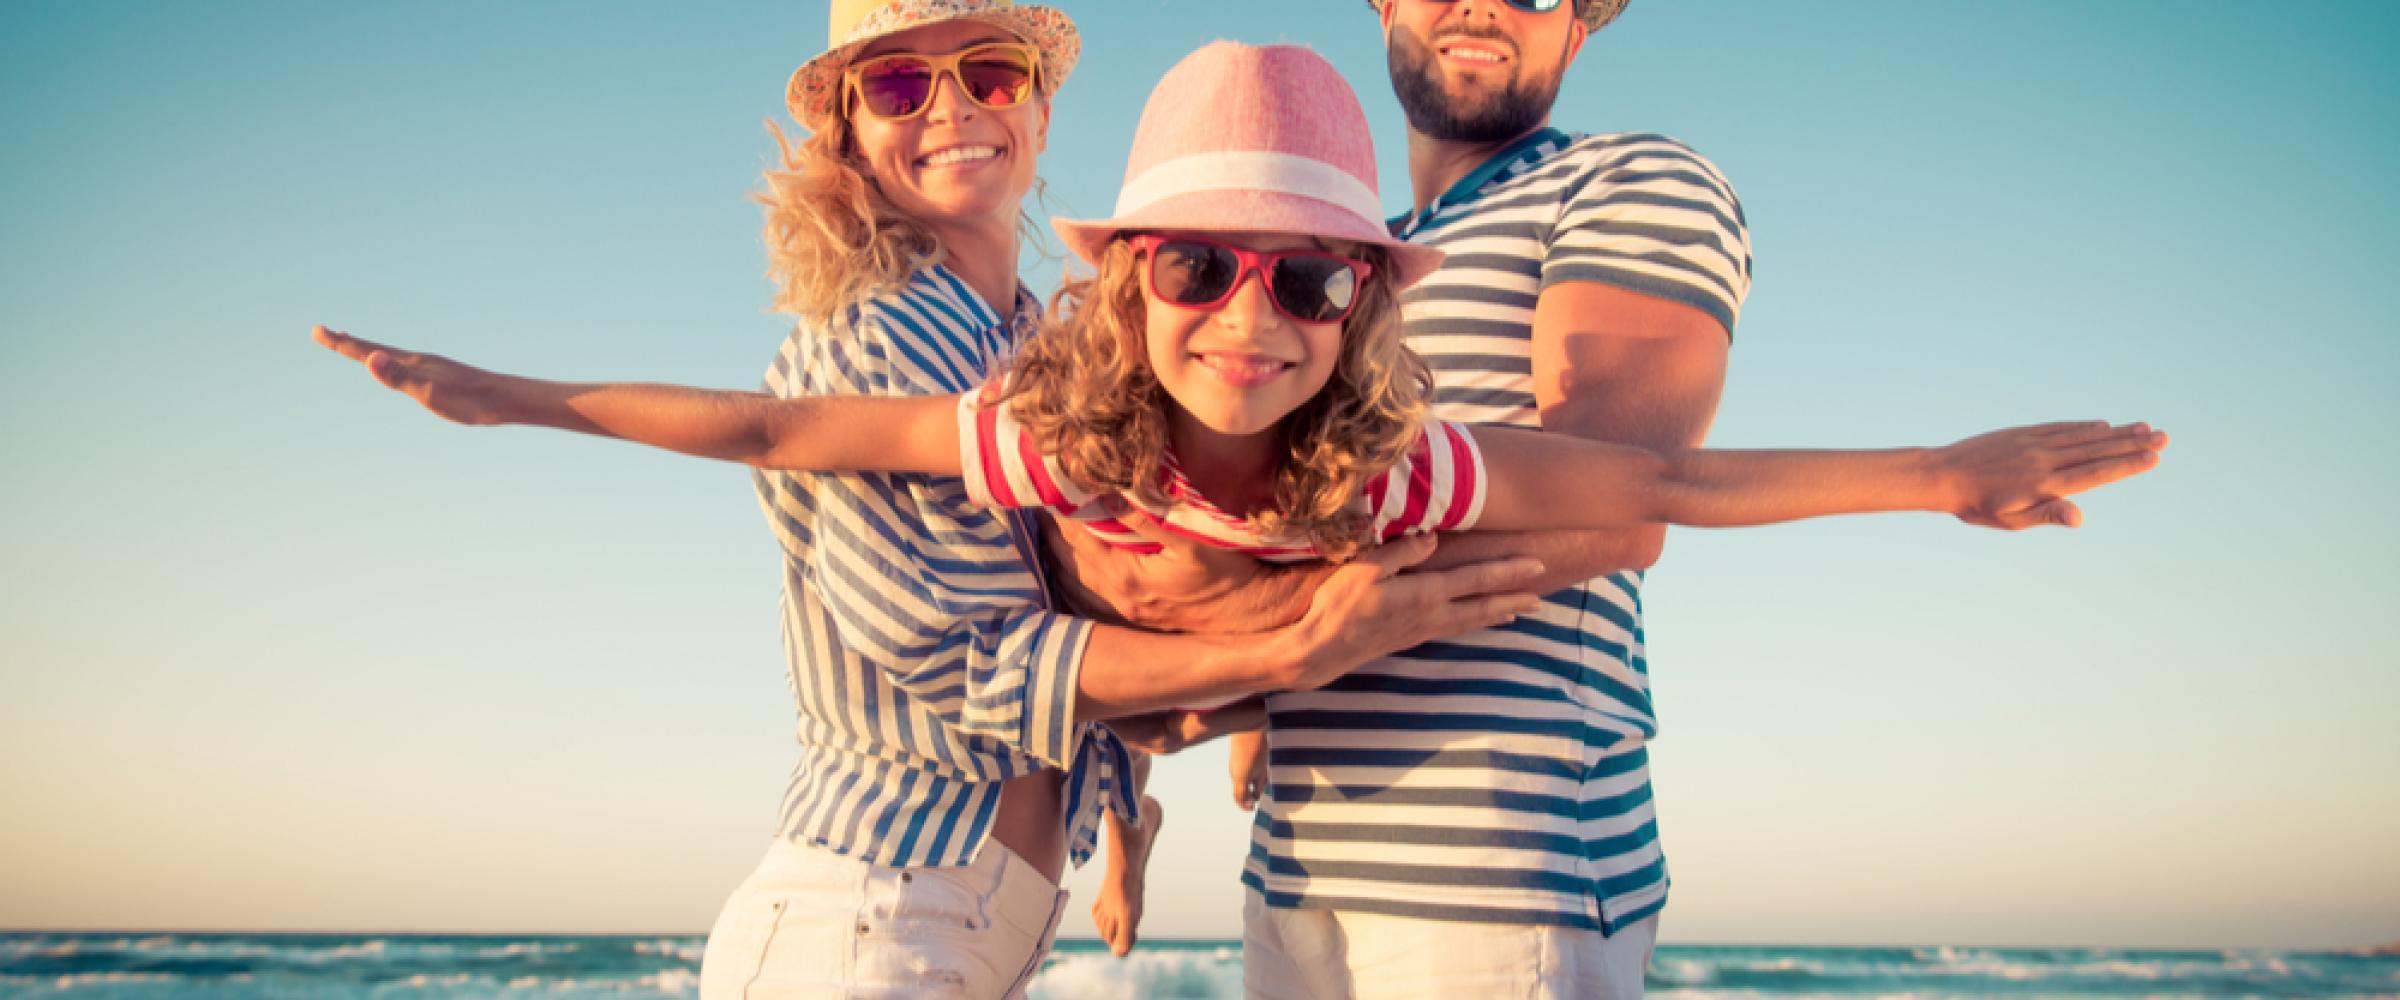 Ferie sul lago di Garda: tre consigli per organizzare al meglio